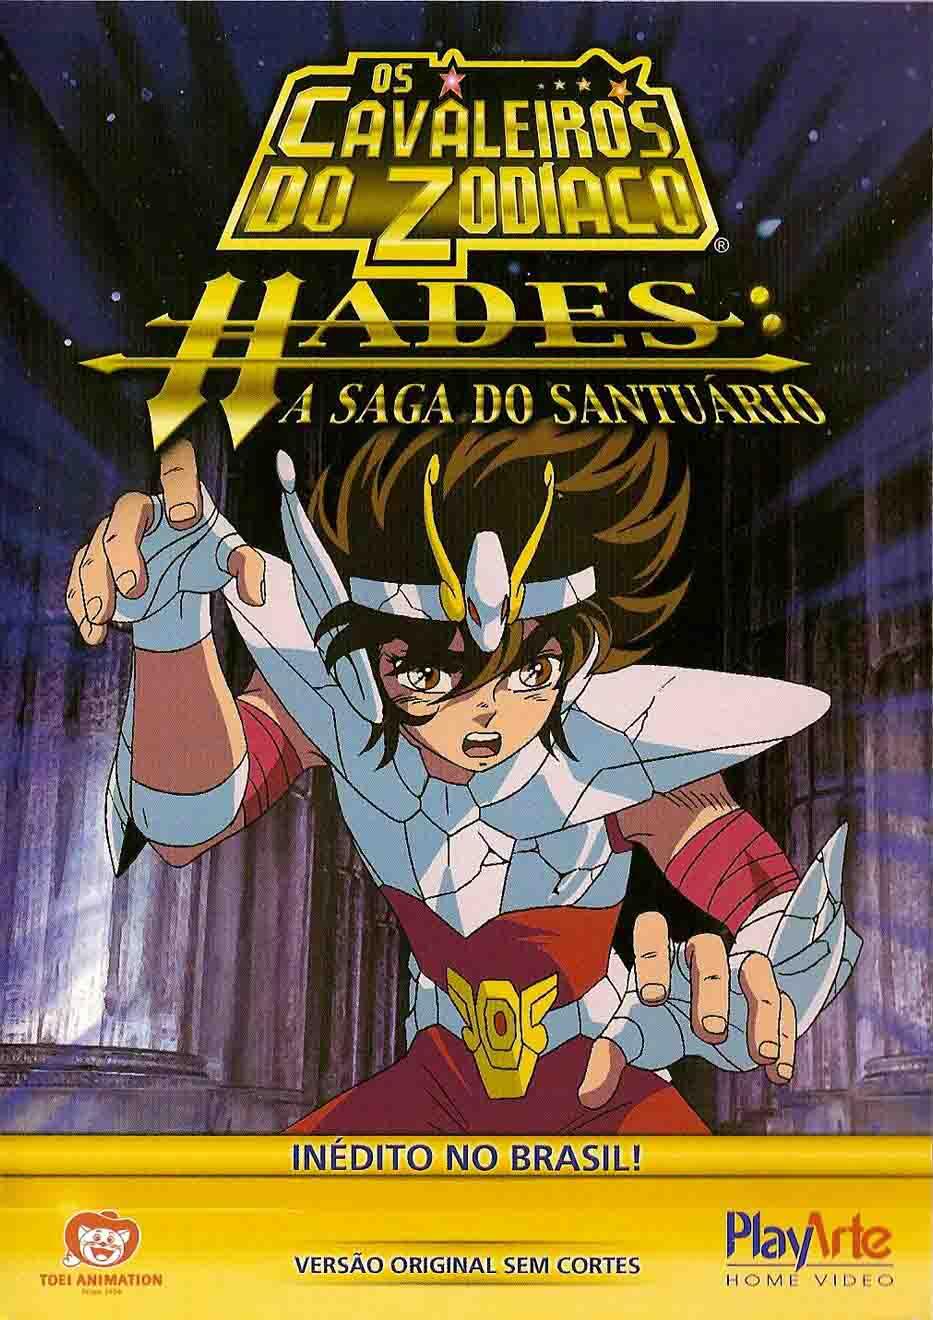 Os Cavaleiros do Zodíaco Hades: A Saga do Santuário Torrent – BluRay 1080p Dual Áudio